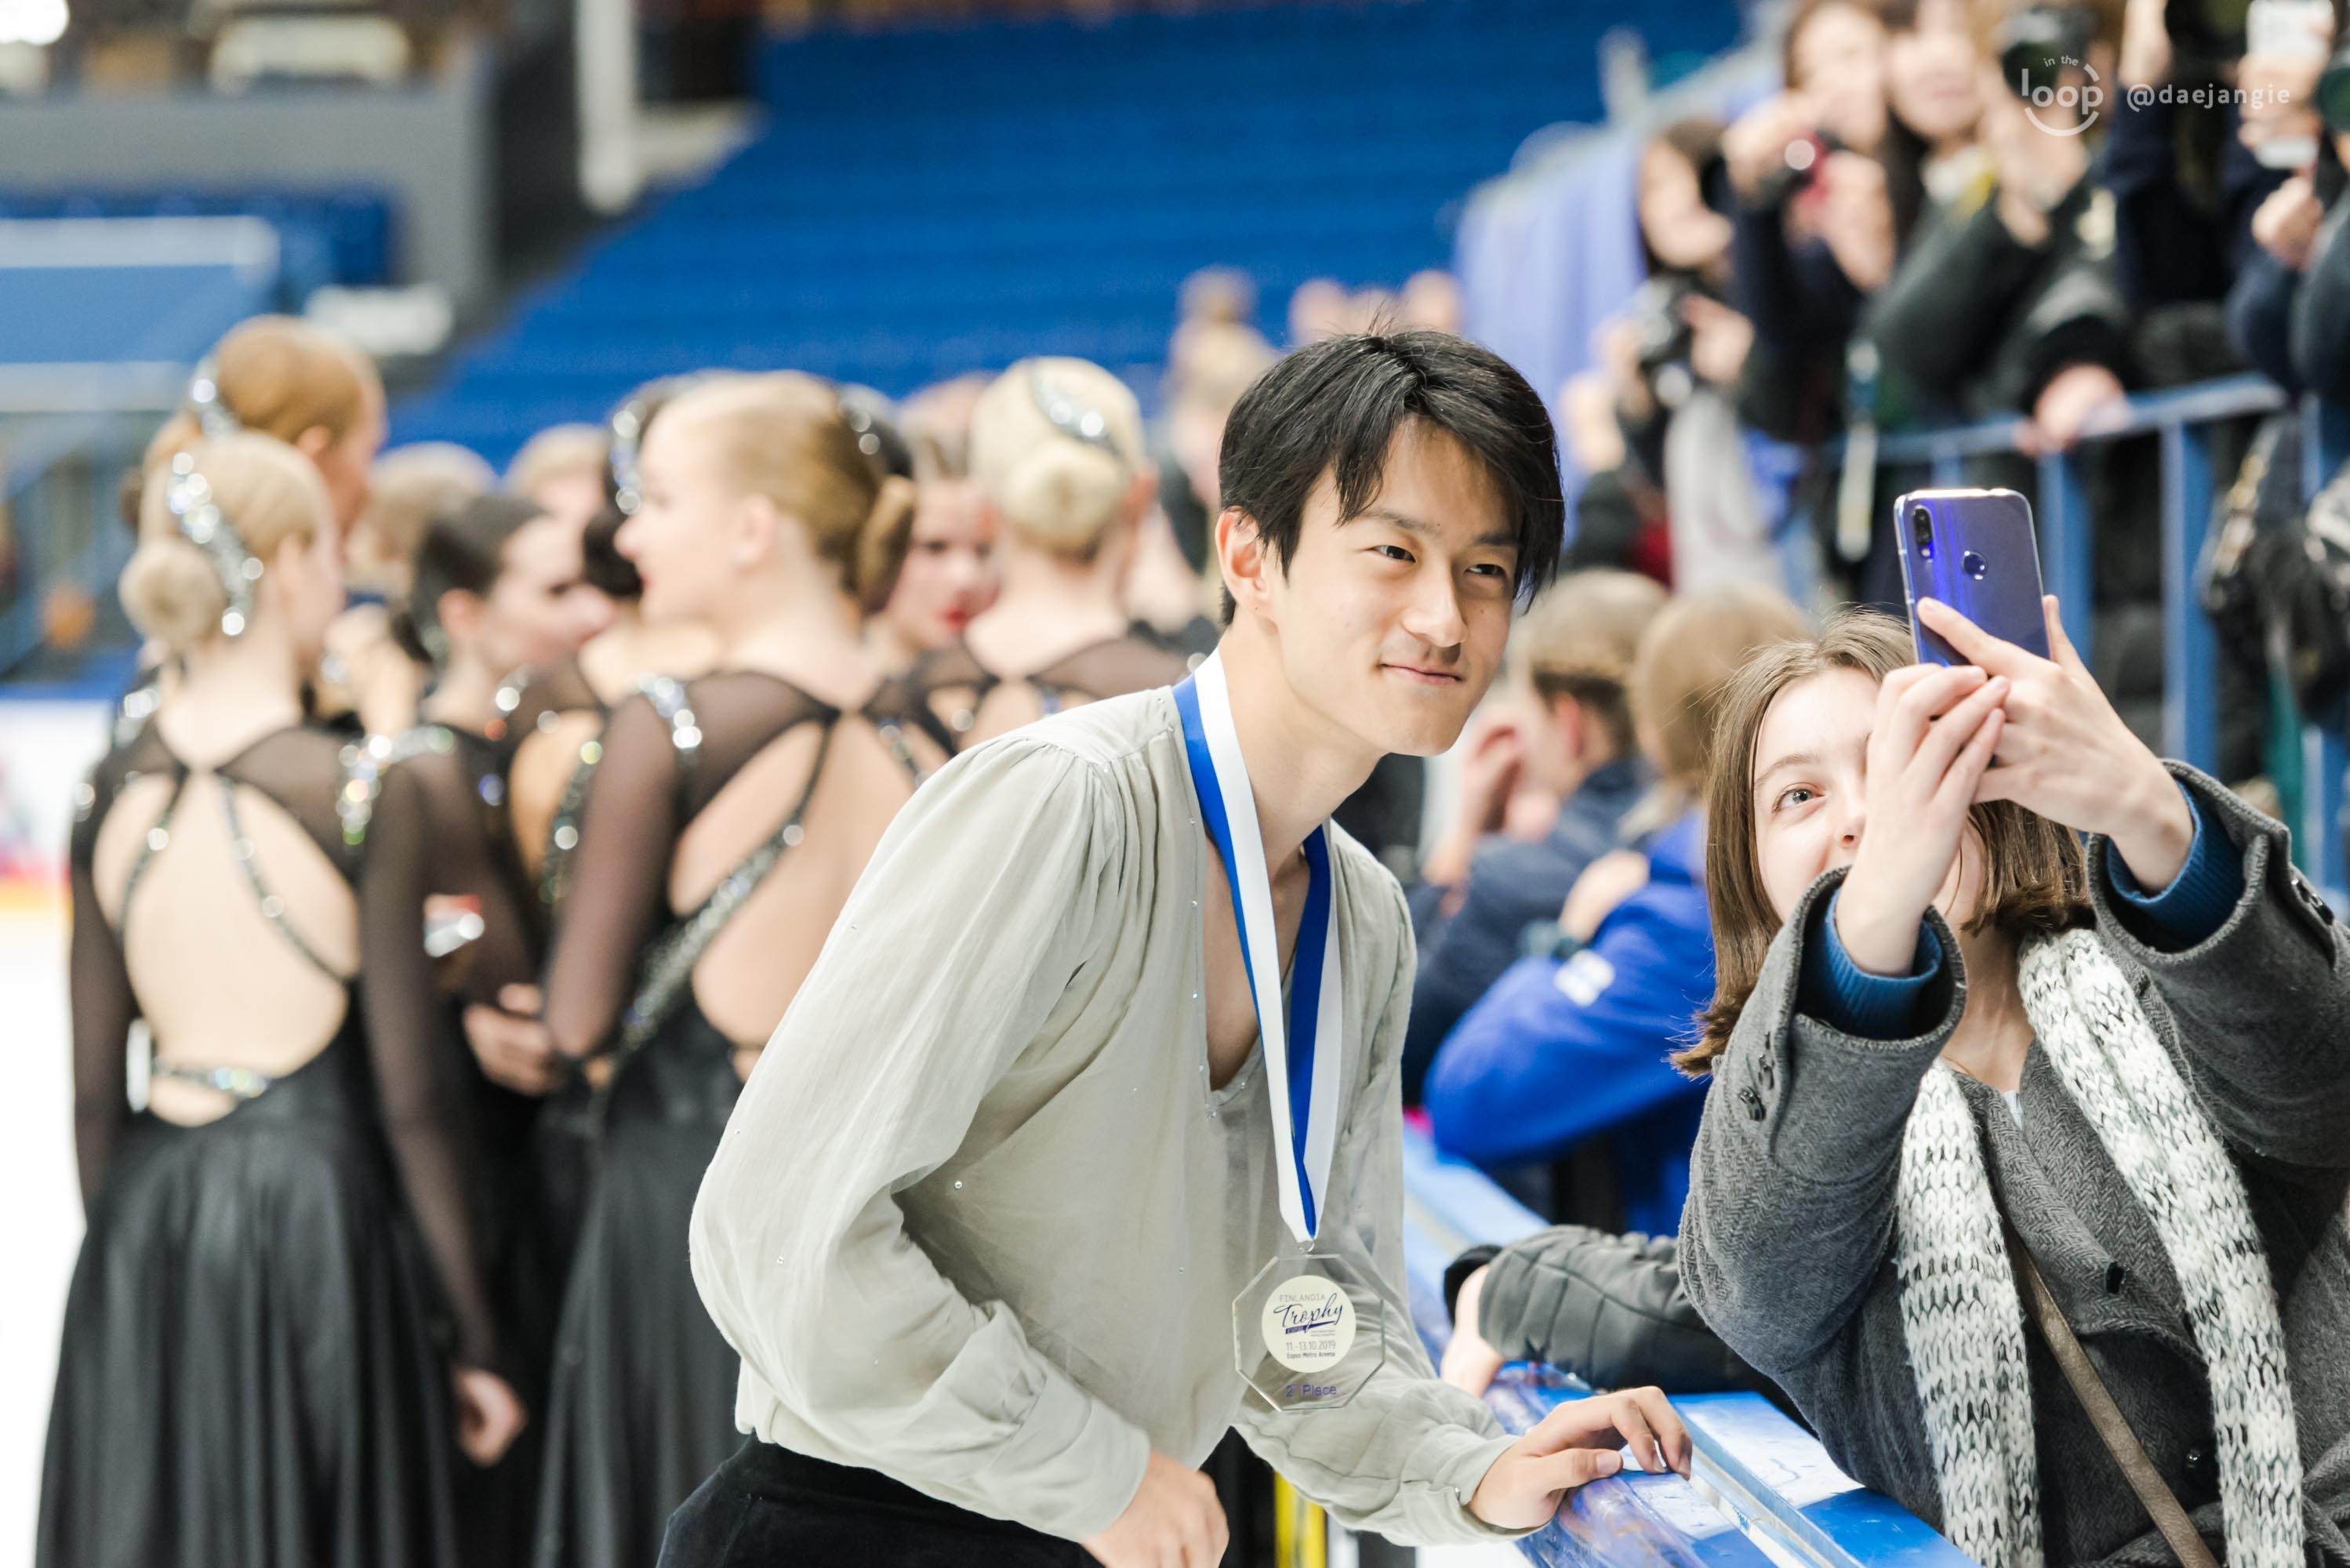 Challenger (6) - Finlandia Trophy. Oct 11 - 13, 2019. Espoo /FIN      - Страница 10 EGvaWkSWsAA3dFy?format=jpg&name=4096x4096